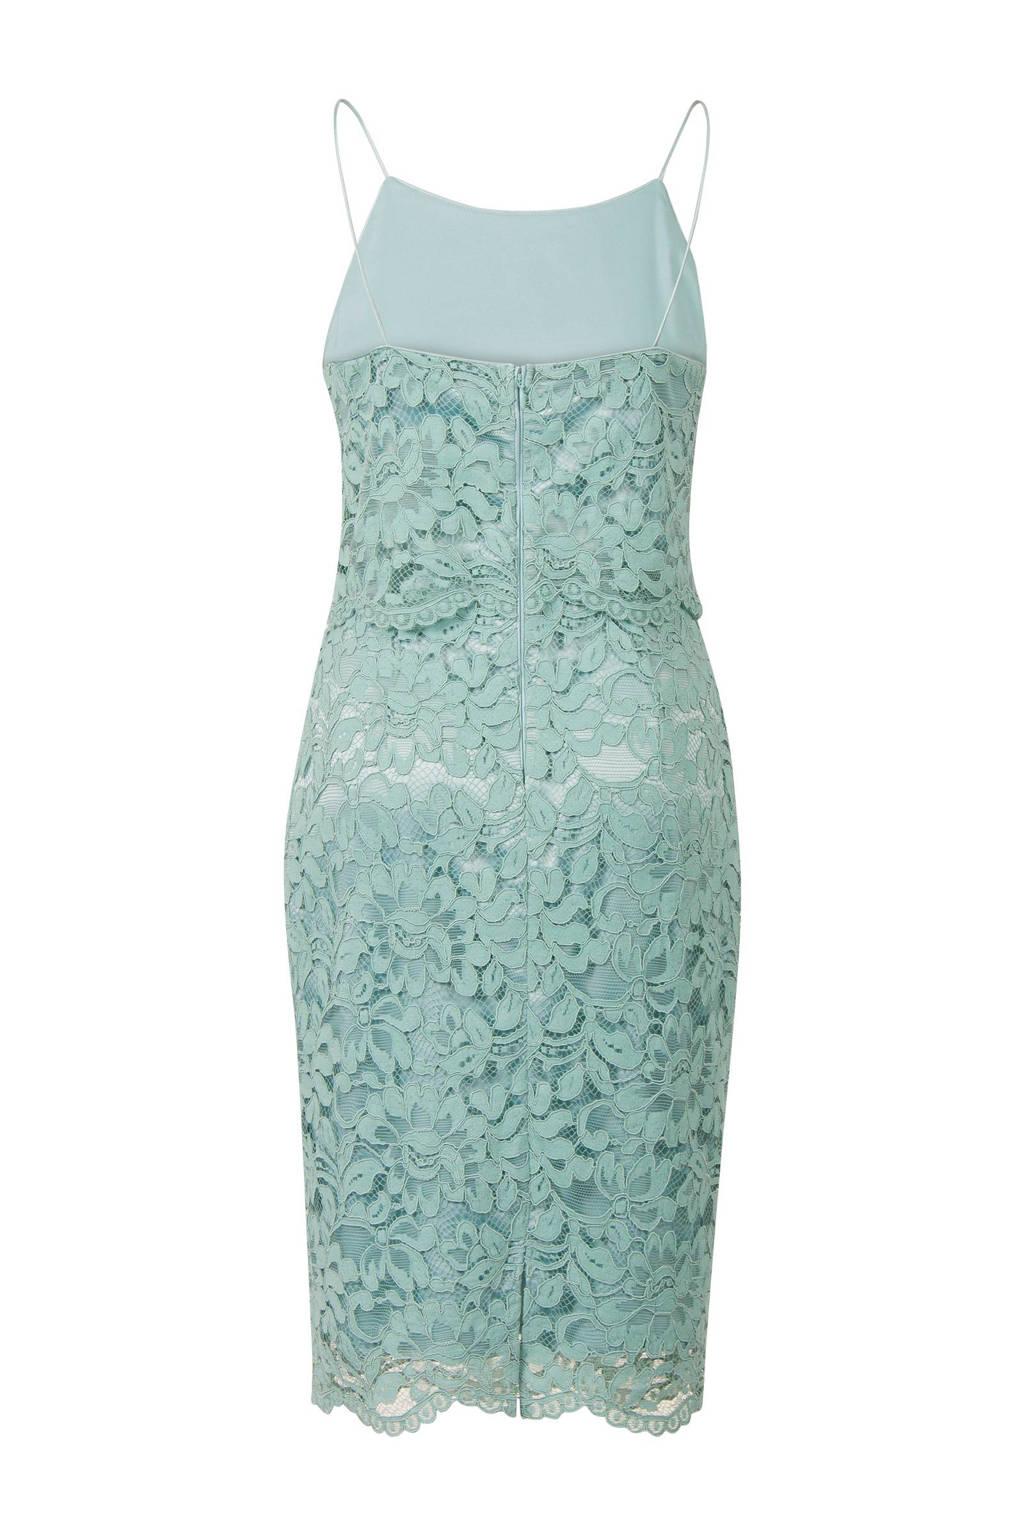 Verrassend Steps kanten jurk blauw   wehkamp NP-38